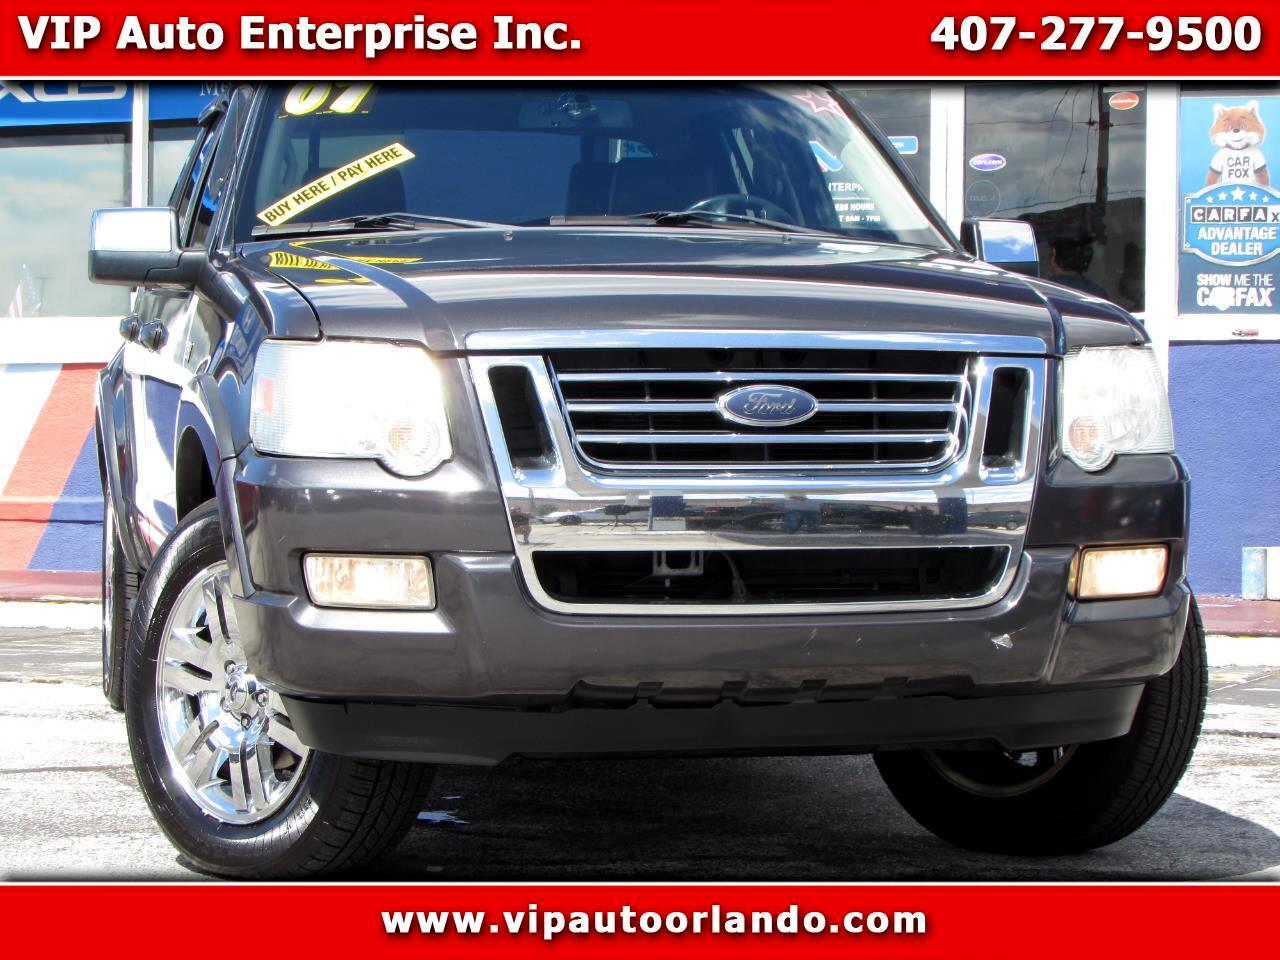 2007 Ford Explorer Sport Trac 4WD 4dr V8 Limited